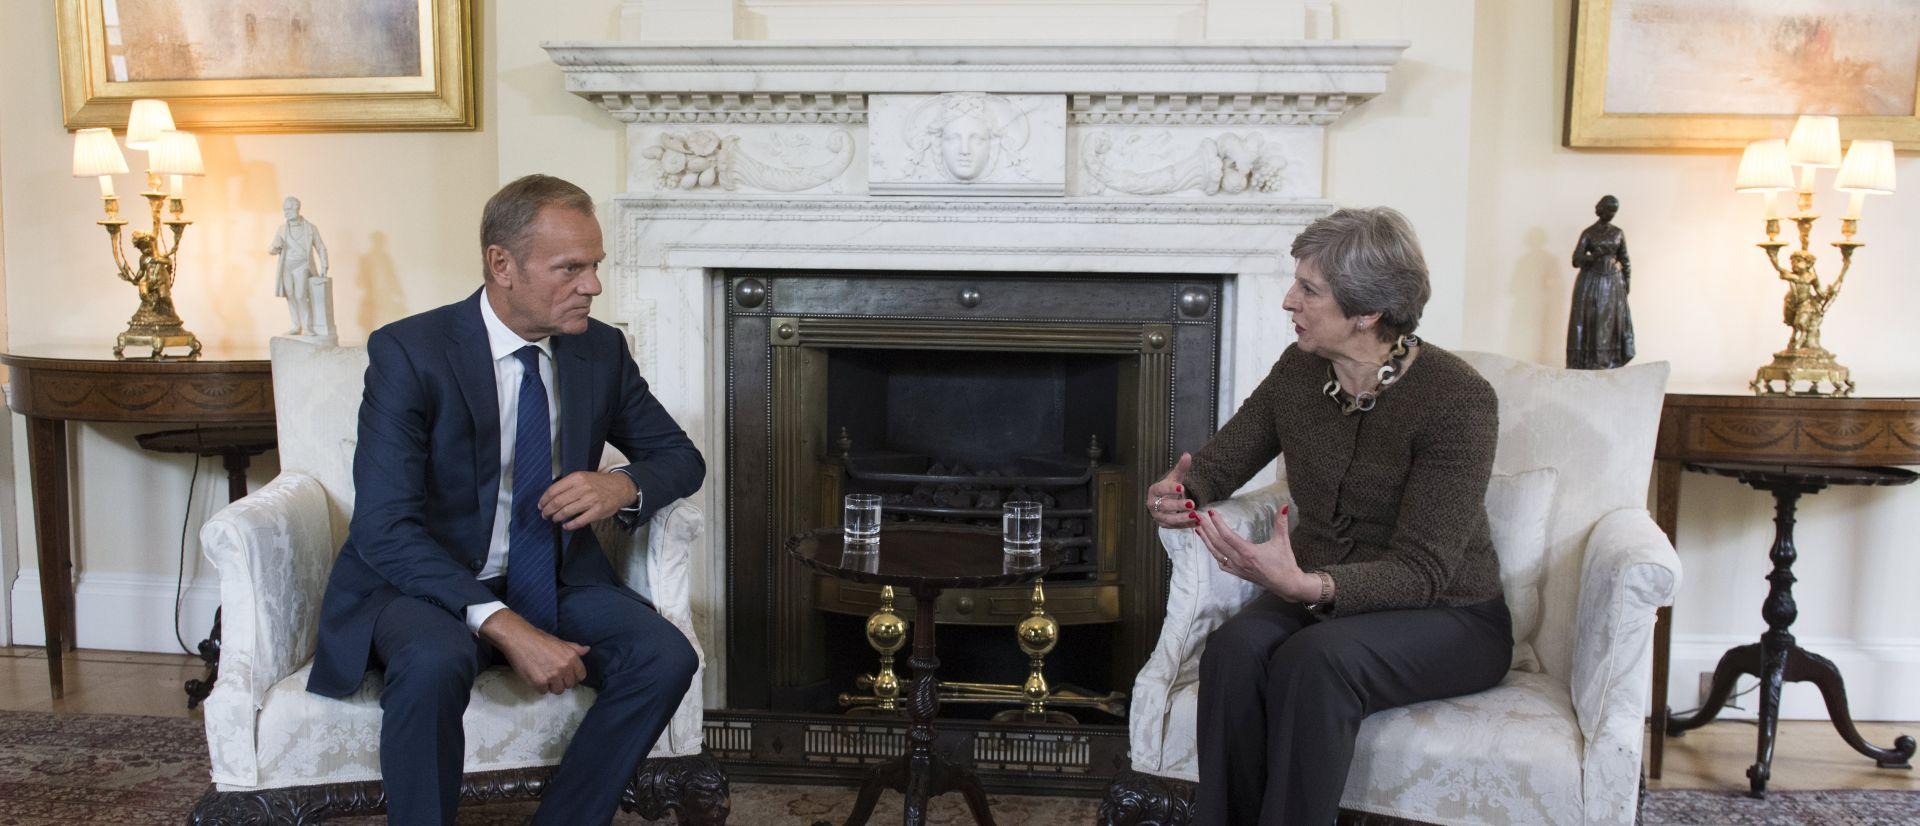 TUSK: U pregovorima o Brexitu još nije postignut dostatan napredak